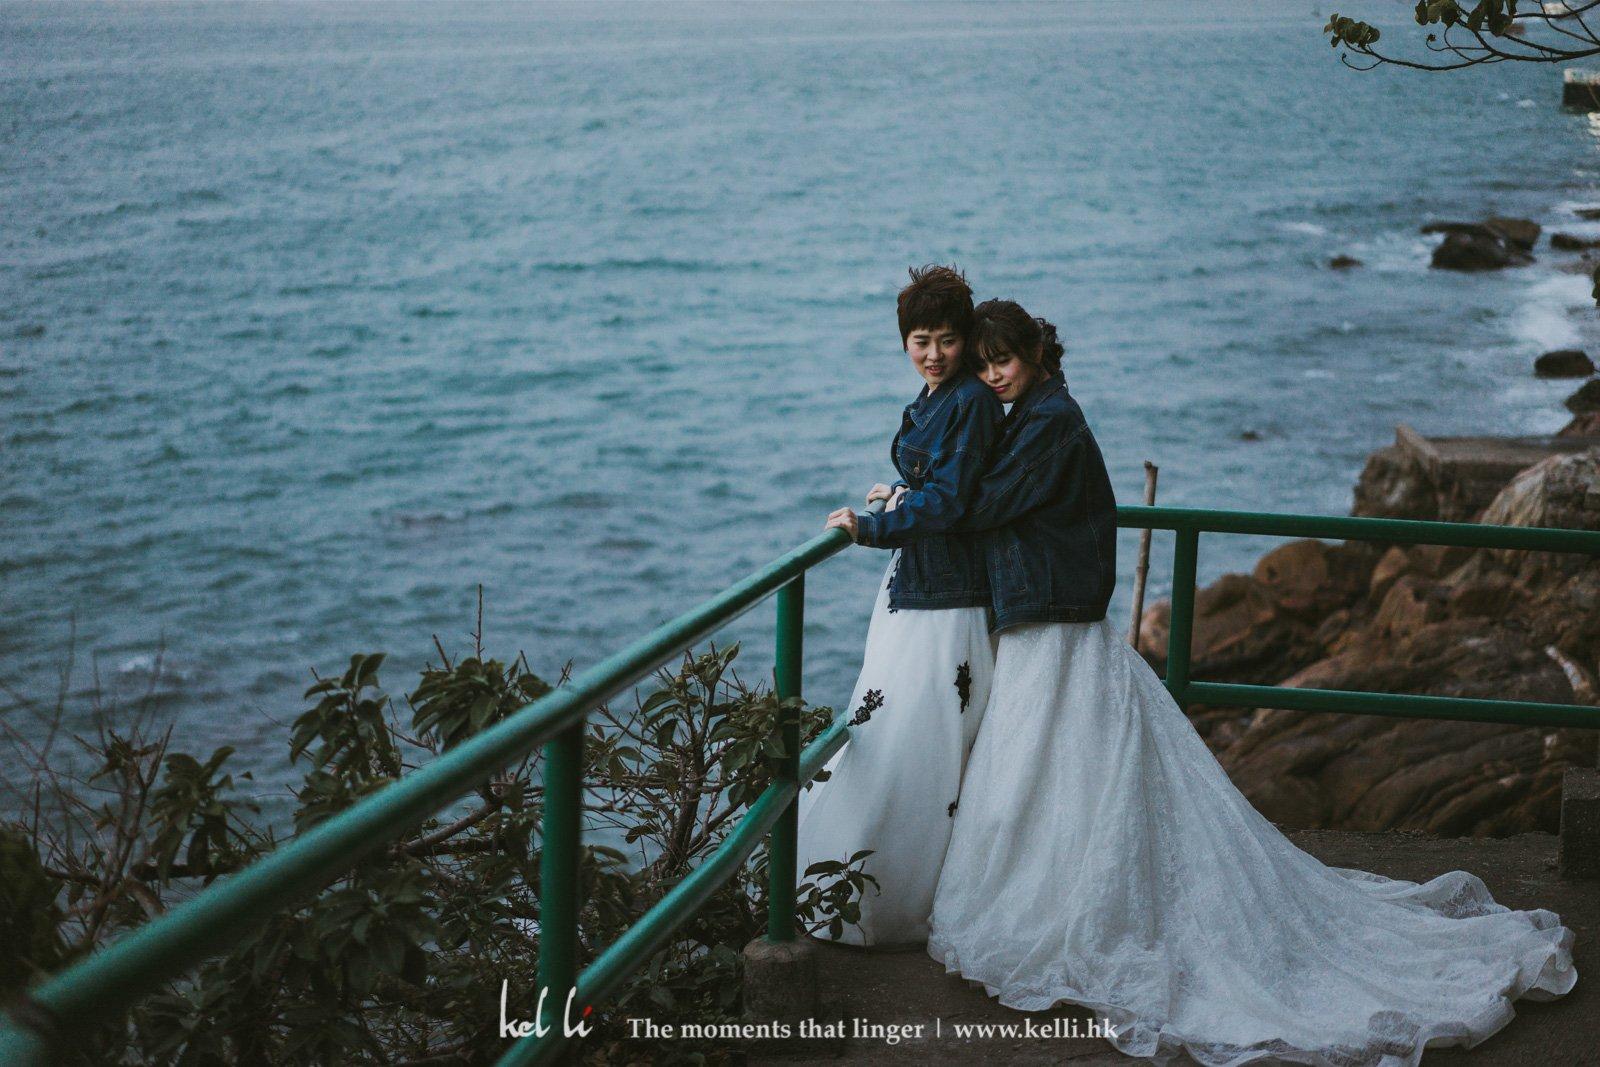 婚紗配上牛仔外套格展現獨有風格